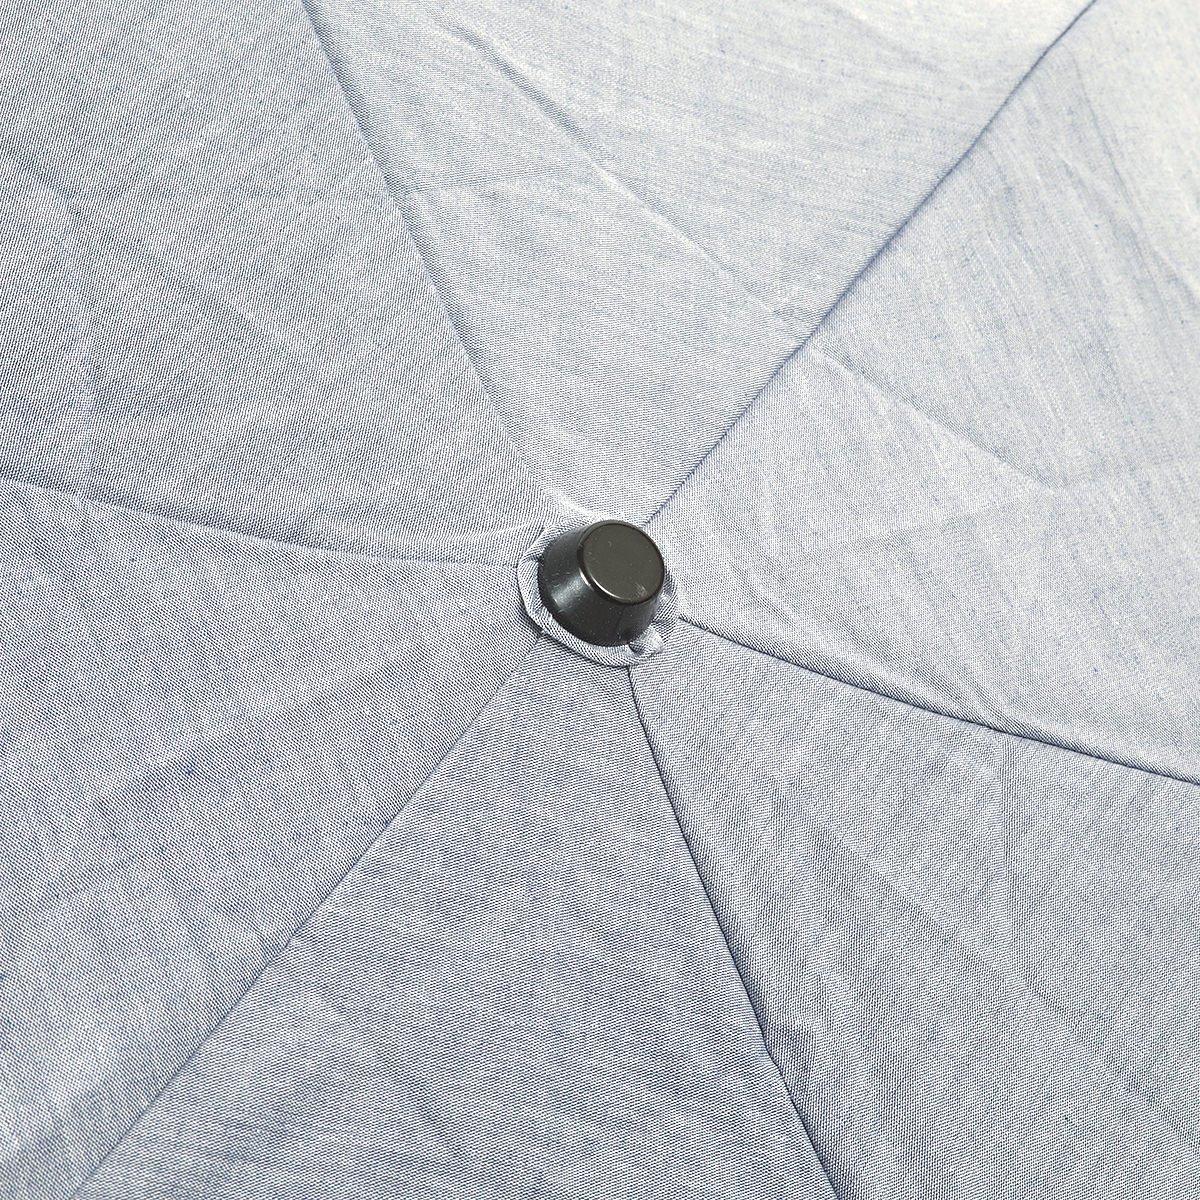 シャンブレー オールシーズン 折りたたみ 日傘 詳細画像6